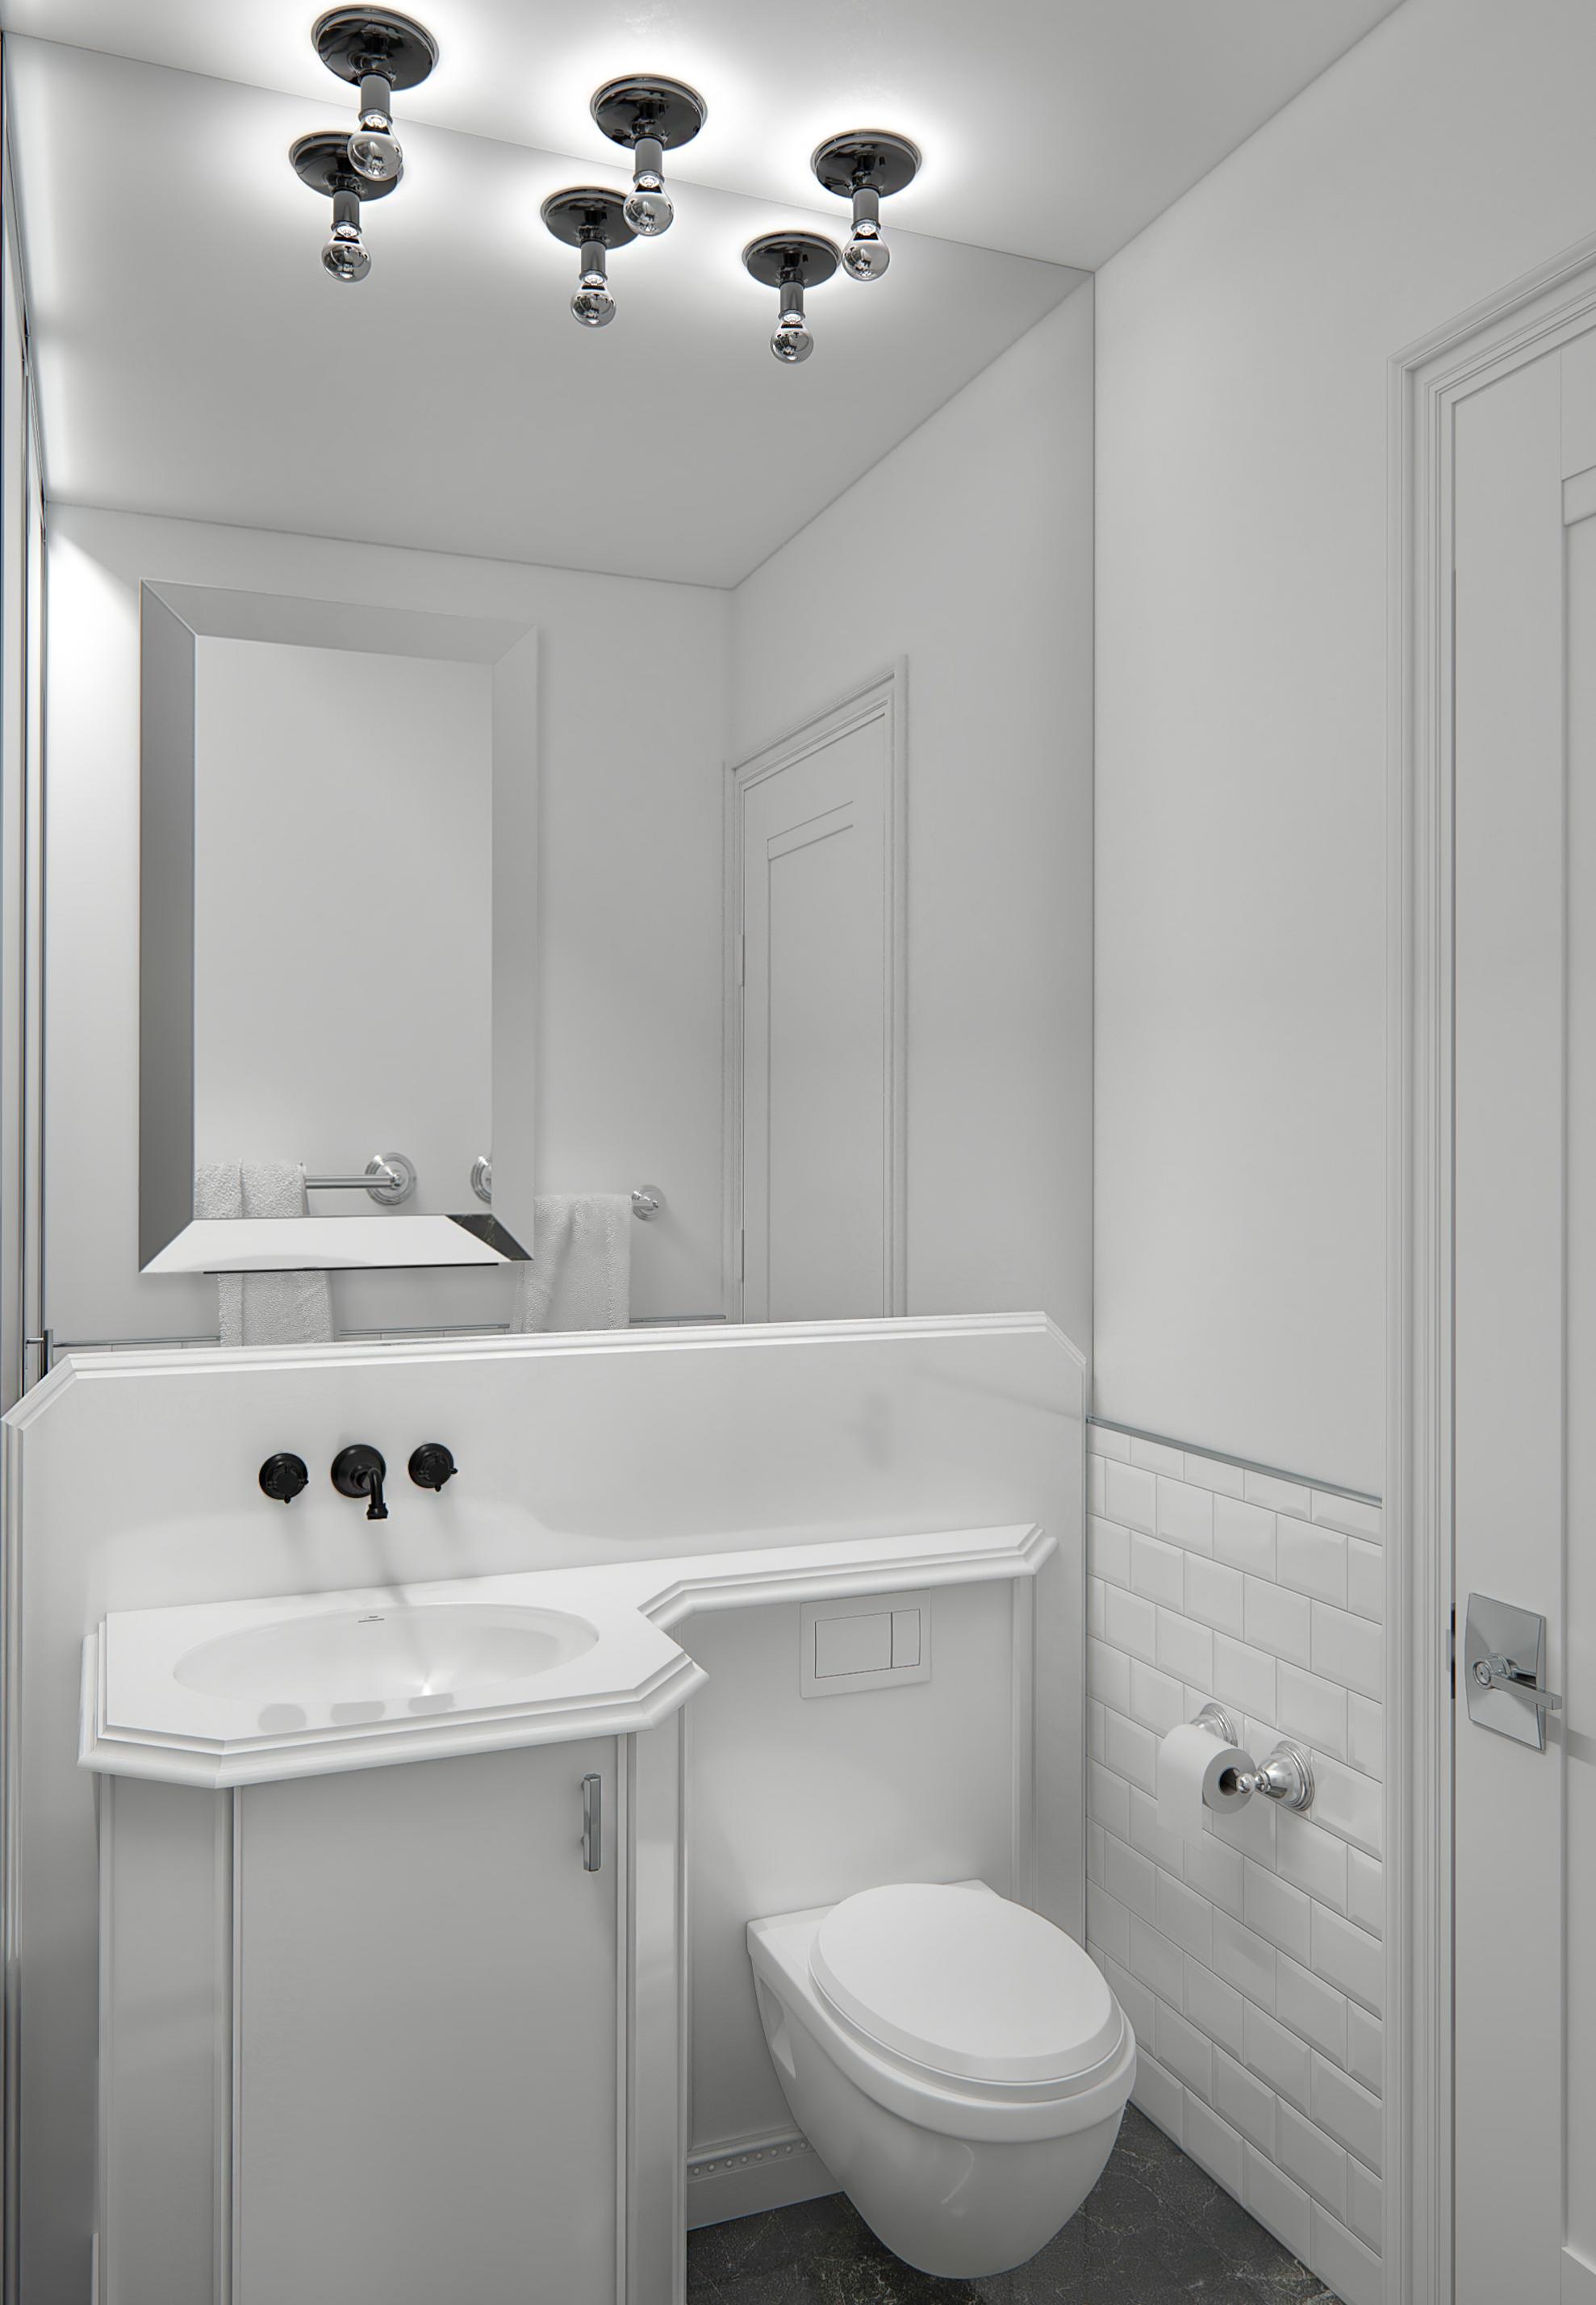 13_479 WASHINGTON BATH 2.jpg